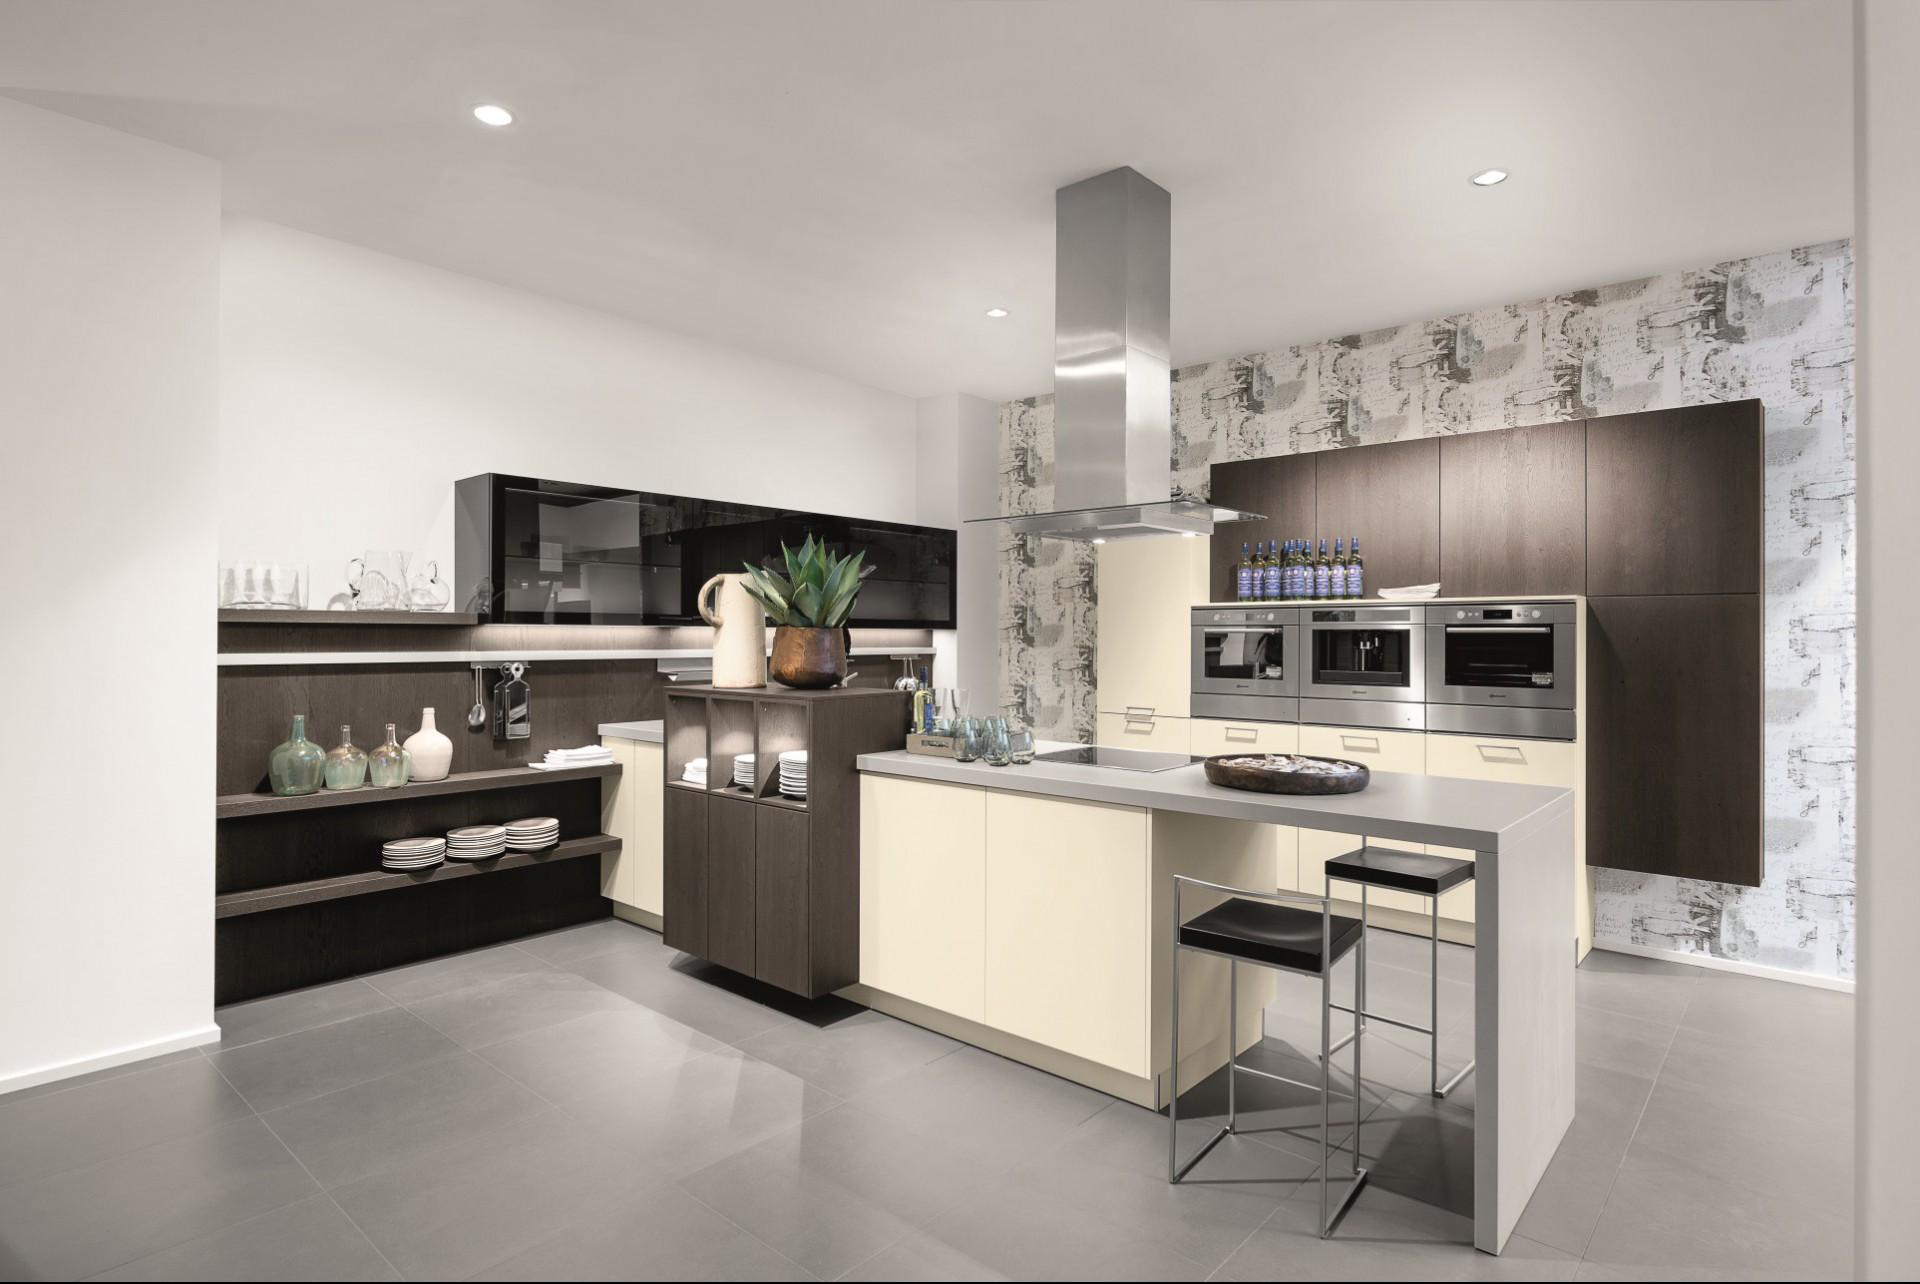 k che planen und einrichten mit k chen wohnen nahe graz. Black Bedroom Furniture Sets. Home Design Ideas